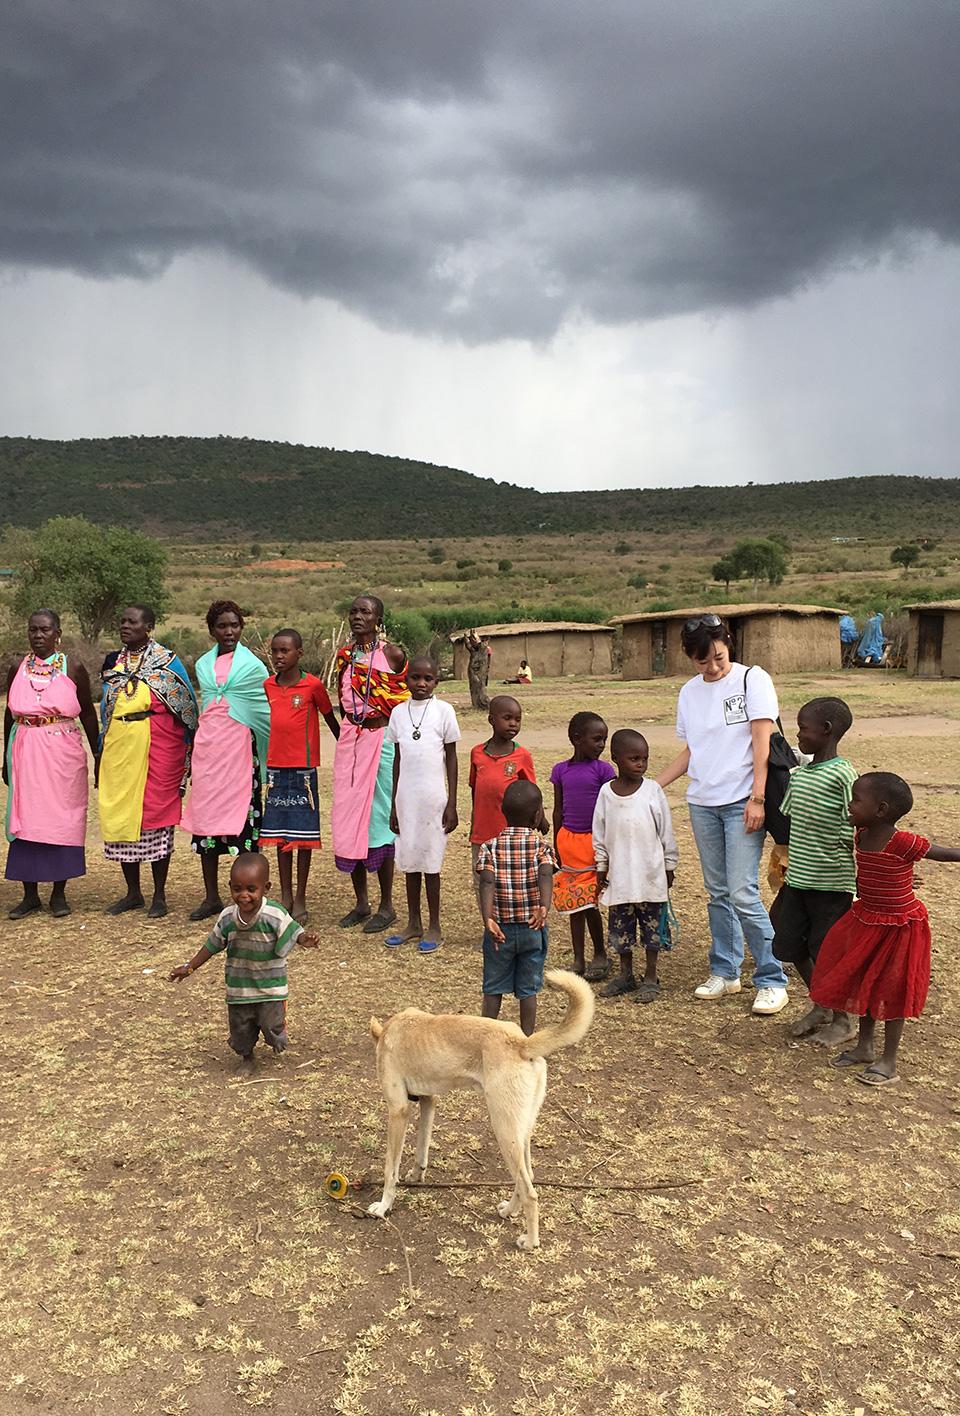 マサイ族の歌や踊り(ジャンプ)で歓迎されました。子供たちの笑顔が印象的でした。